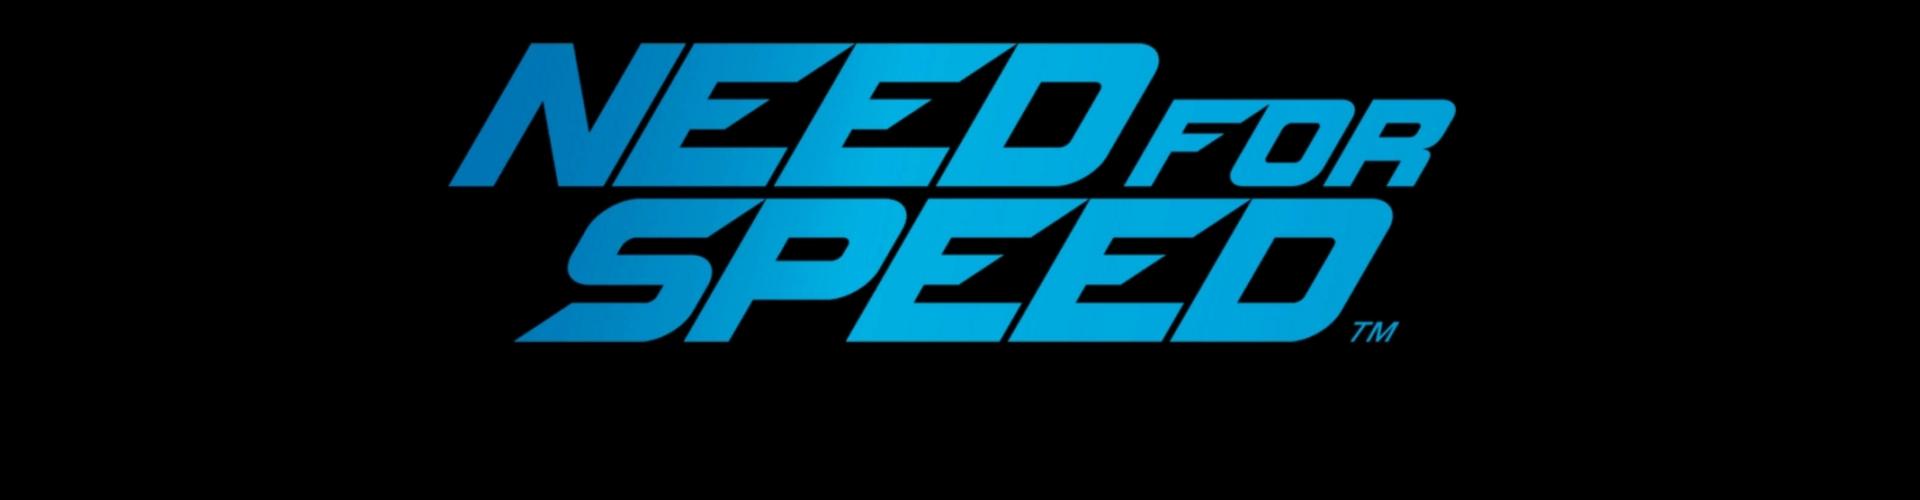 Benchmark Test Pc Gpu UserBenchmark GPU Speed Test Tool